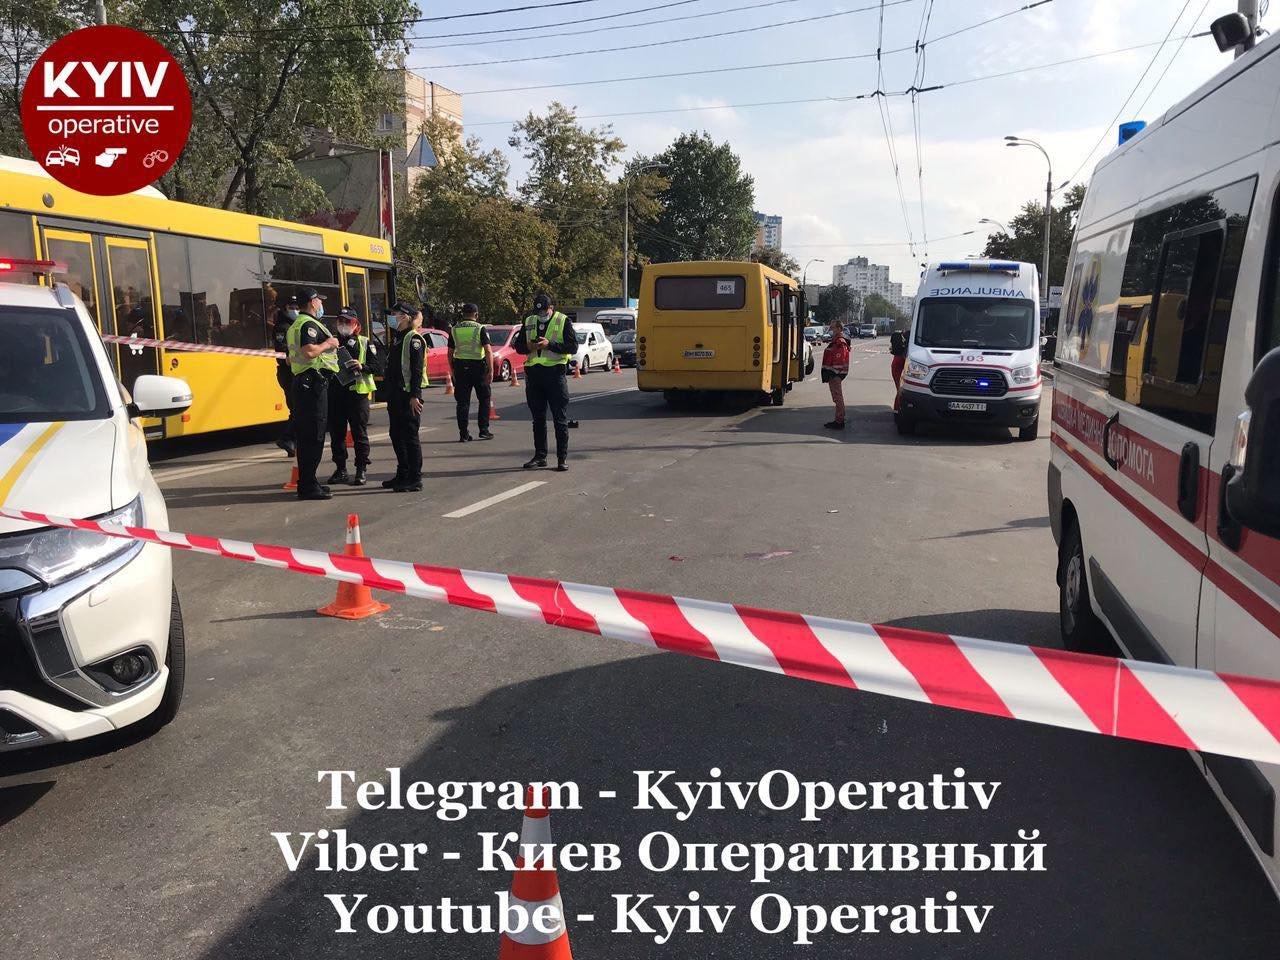 В Киеве на Виноградаре произошло смертельное ДТП с участием маршрутки, ВИДЕО, фото-5